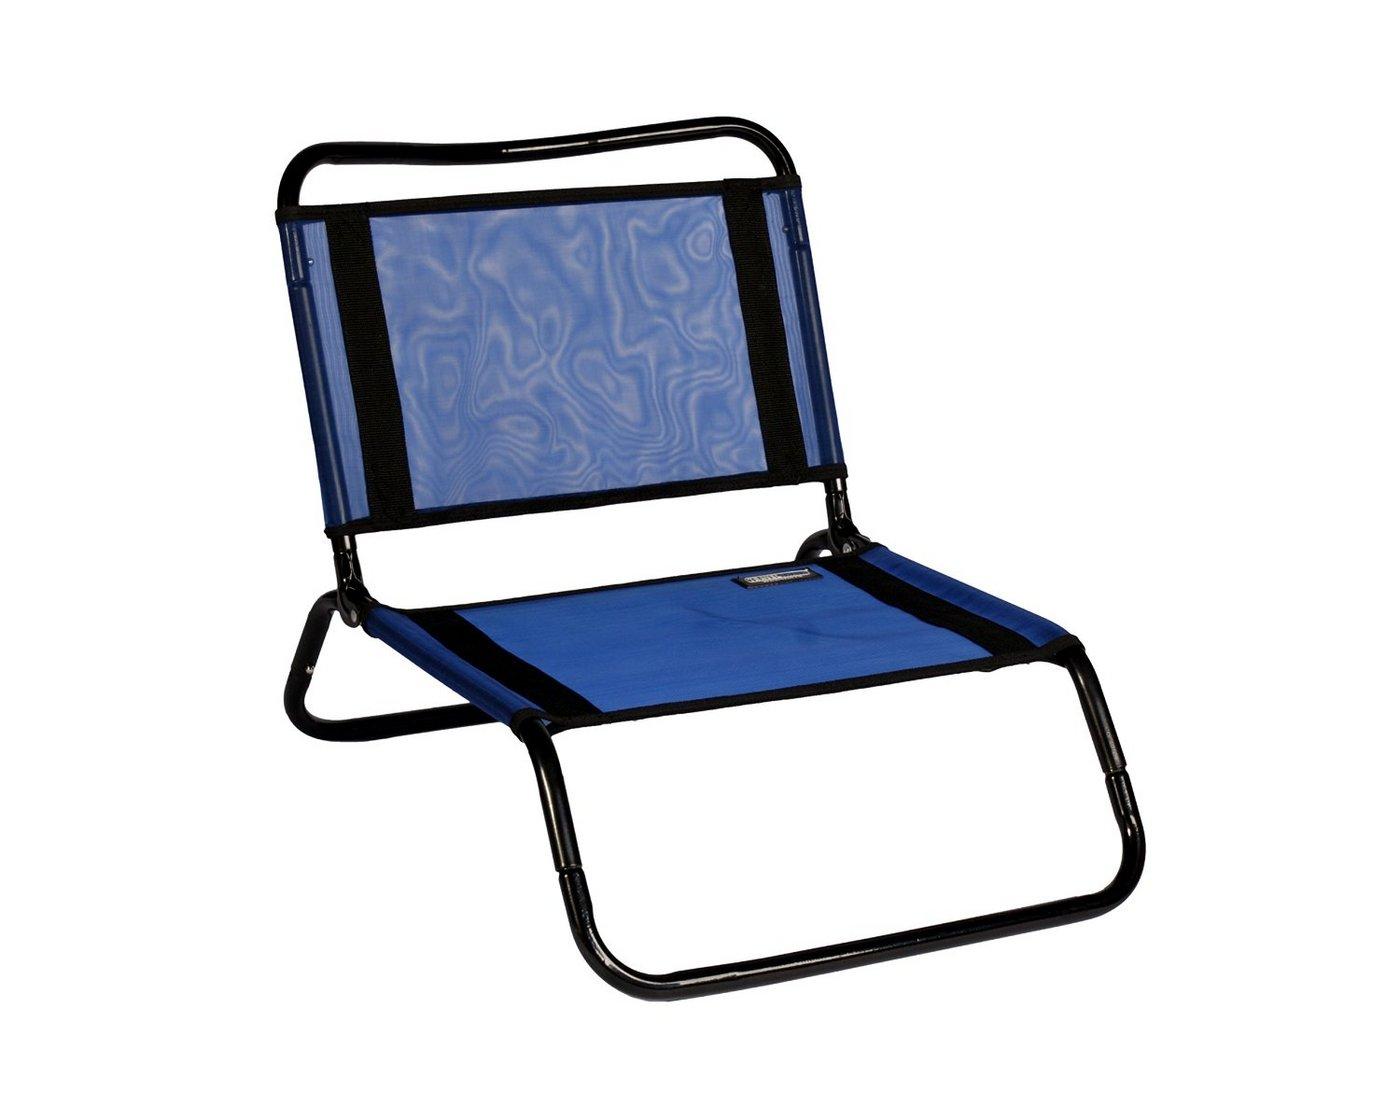 Travelchair Mesh Folding Beach Chair